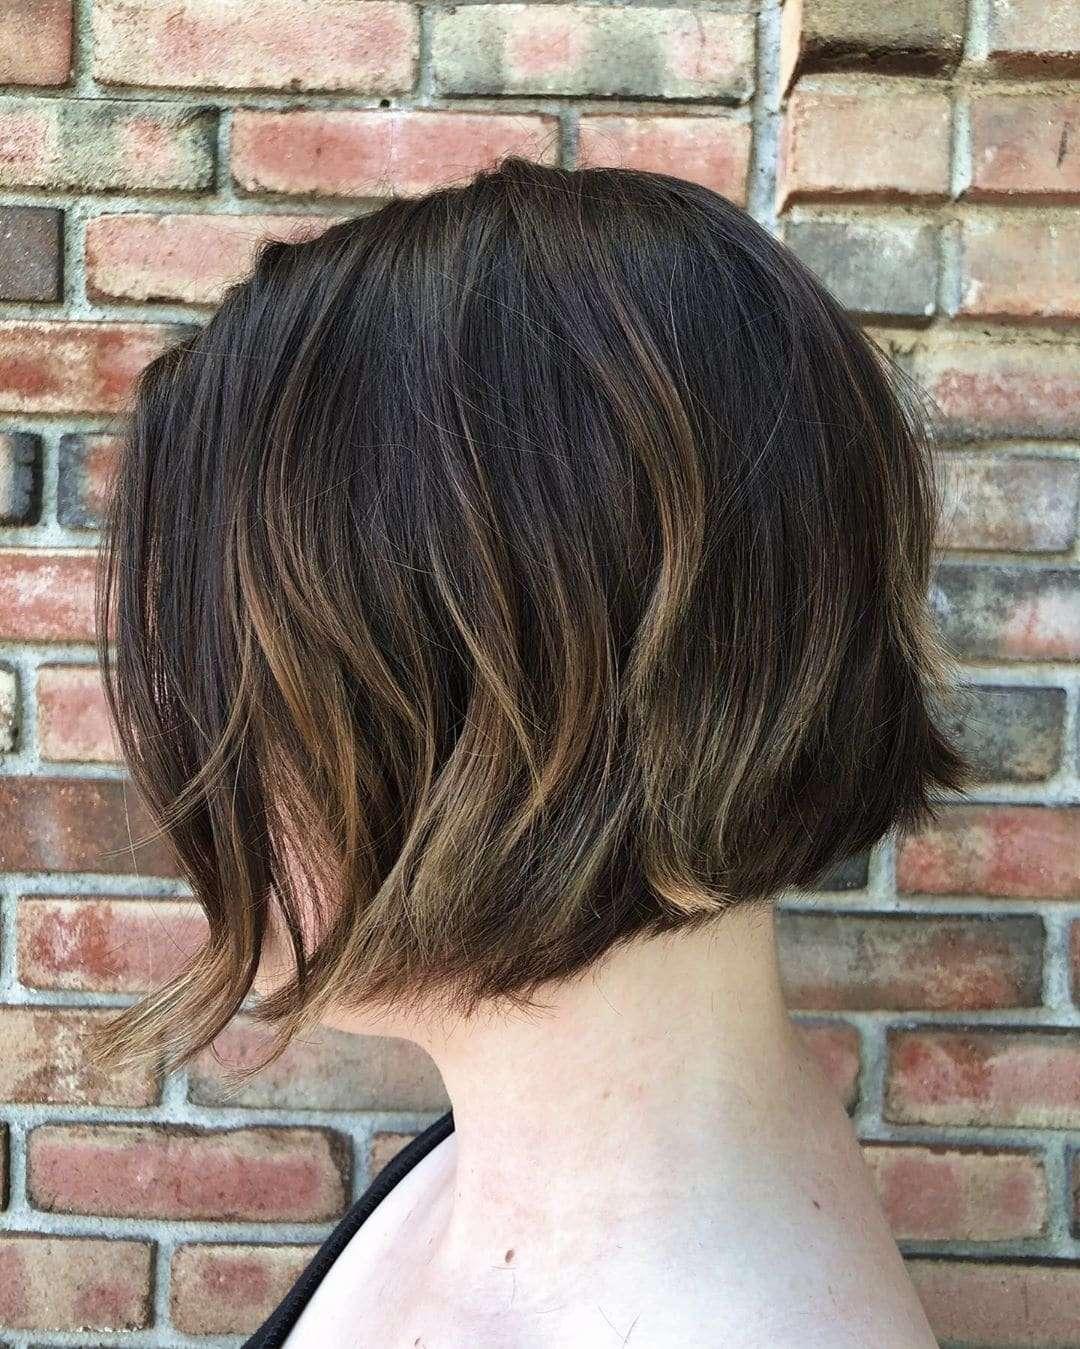 bardzo krótkie fryzury damskie zdjęcia